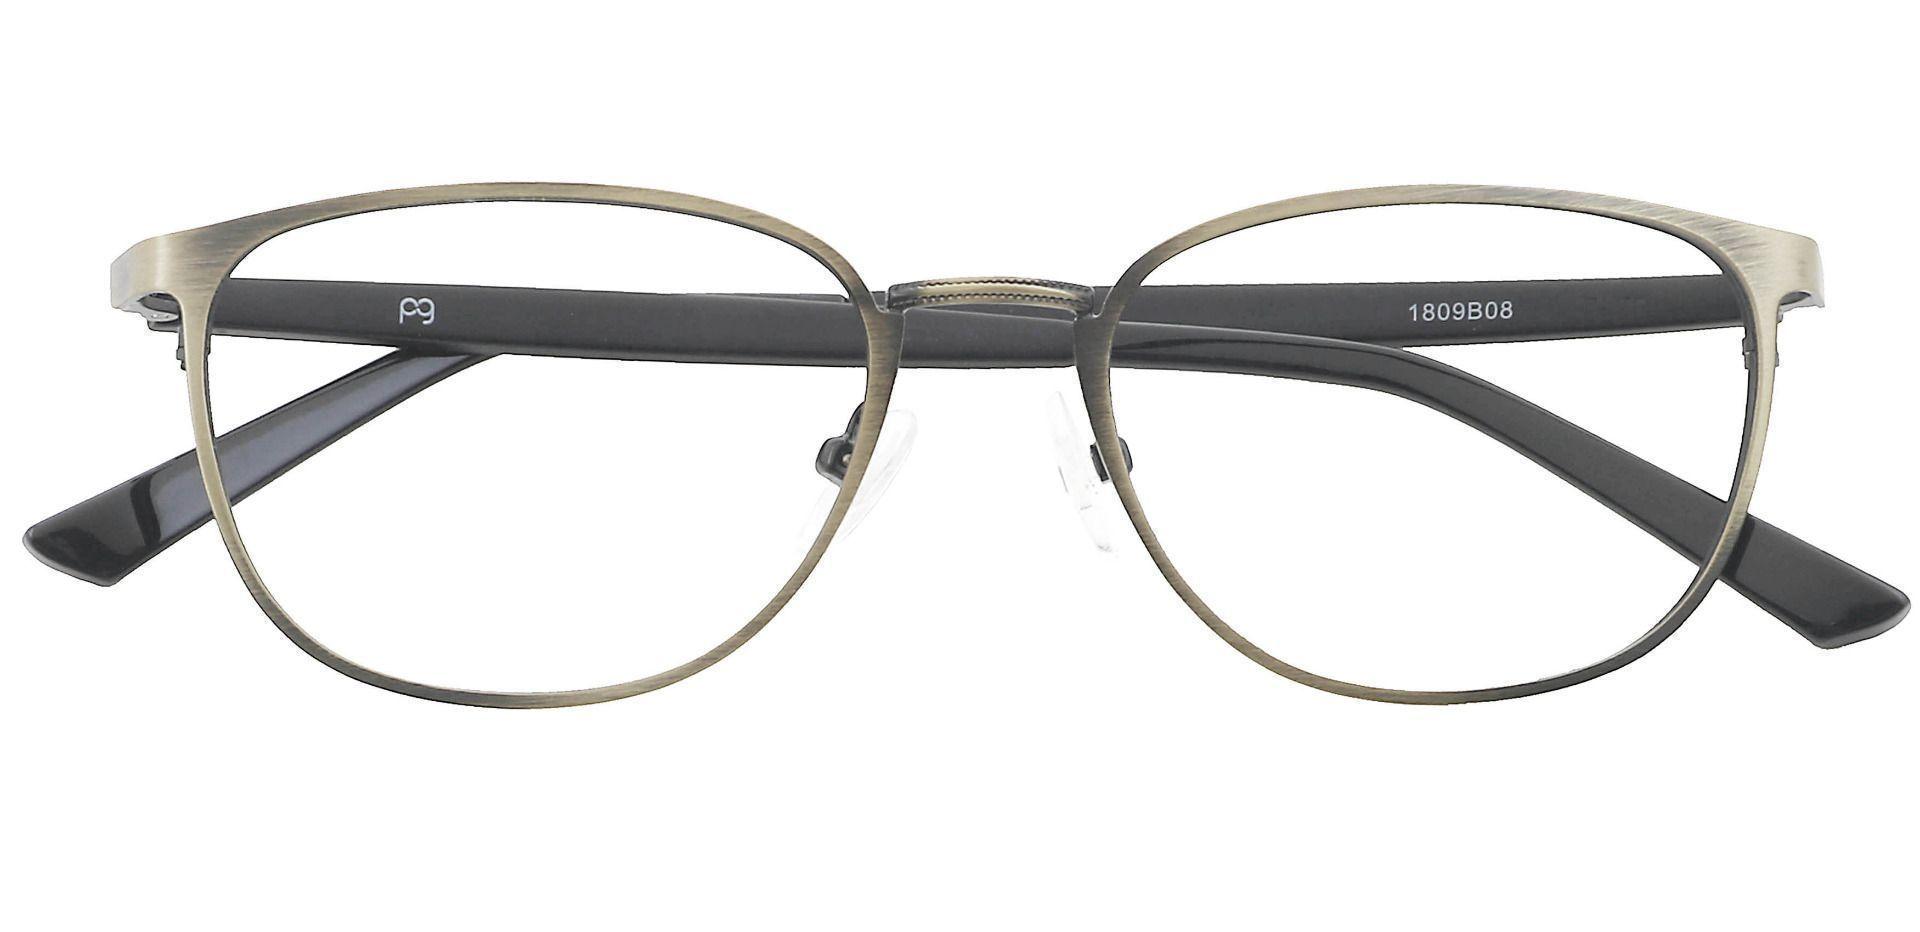 Sailor Square Progressive Glasses - Brown